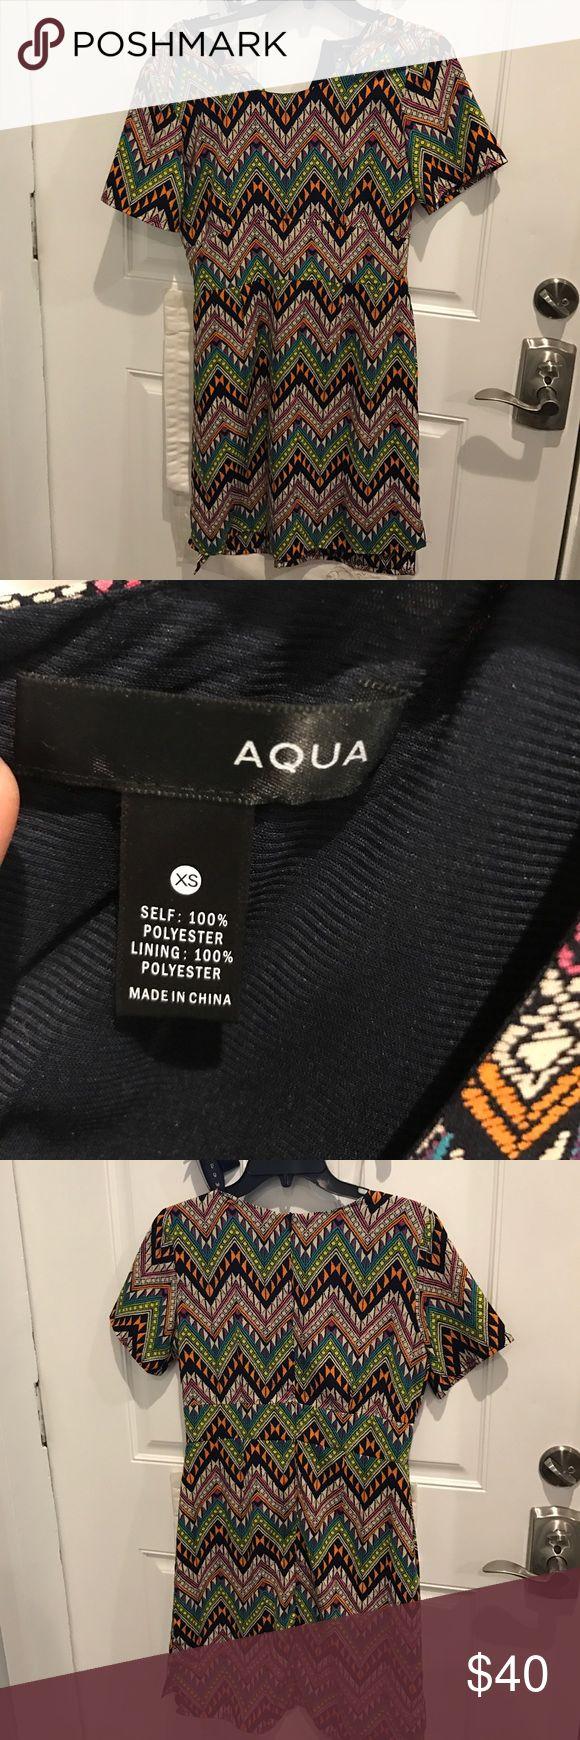 Aqua multi color short dress, xs. NWOT Aqua Dress multi colored short sleeve dress. Never worn. Size XS. Excellent condition Aqua Dresses Mini